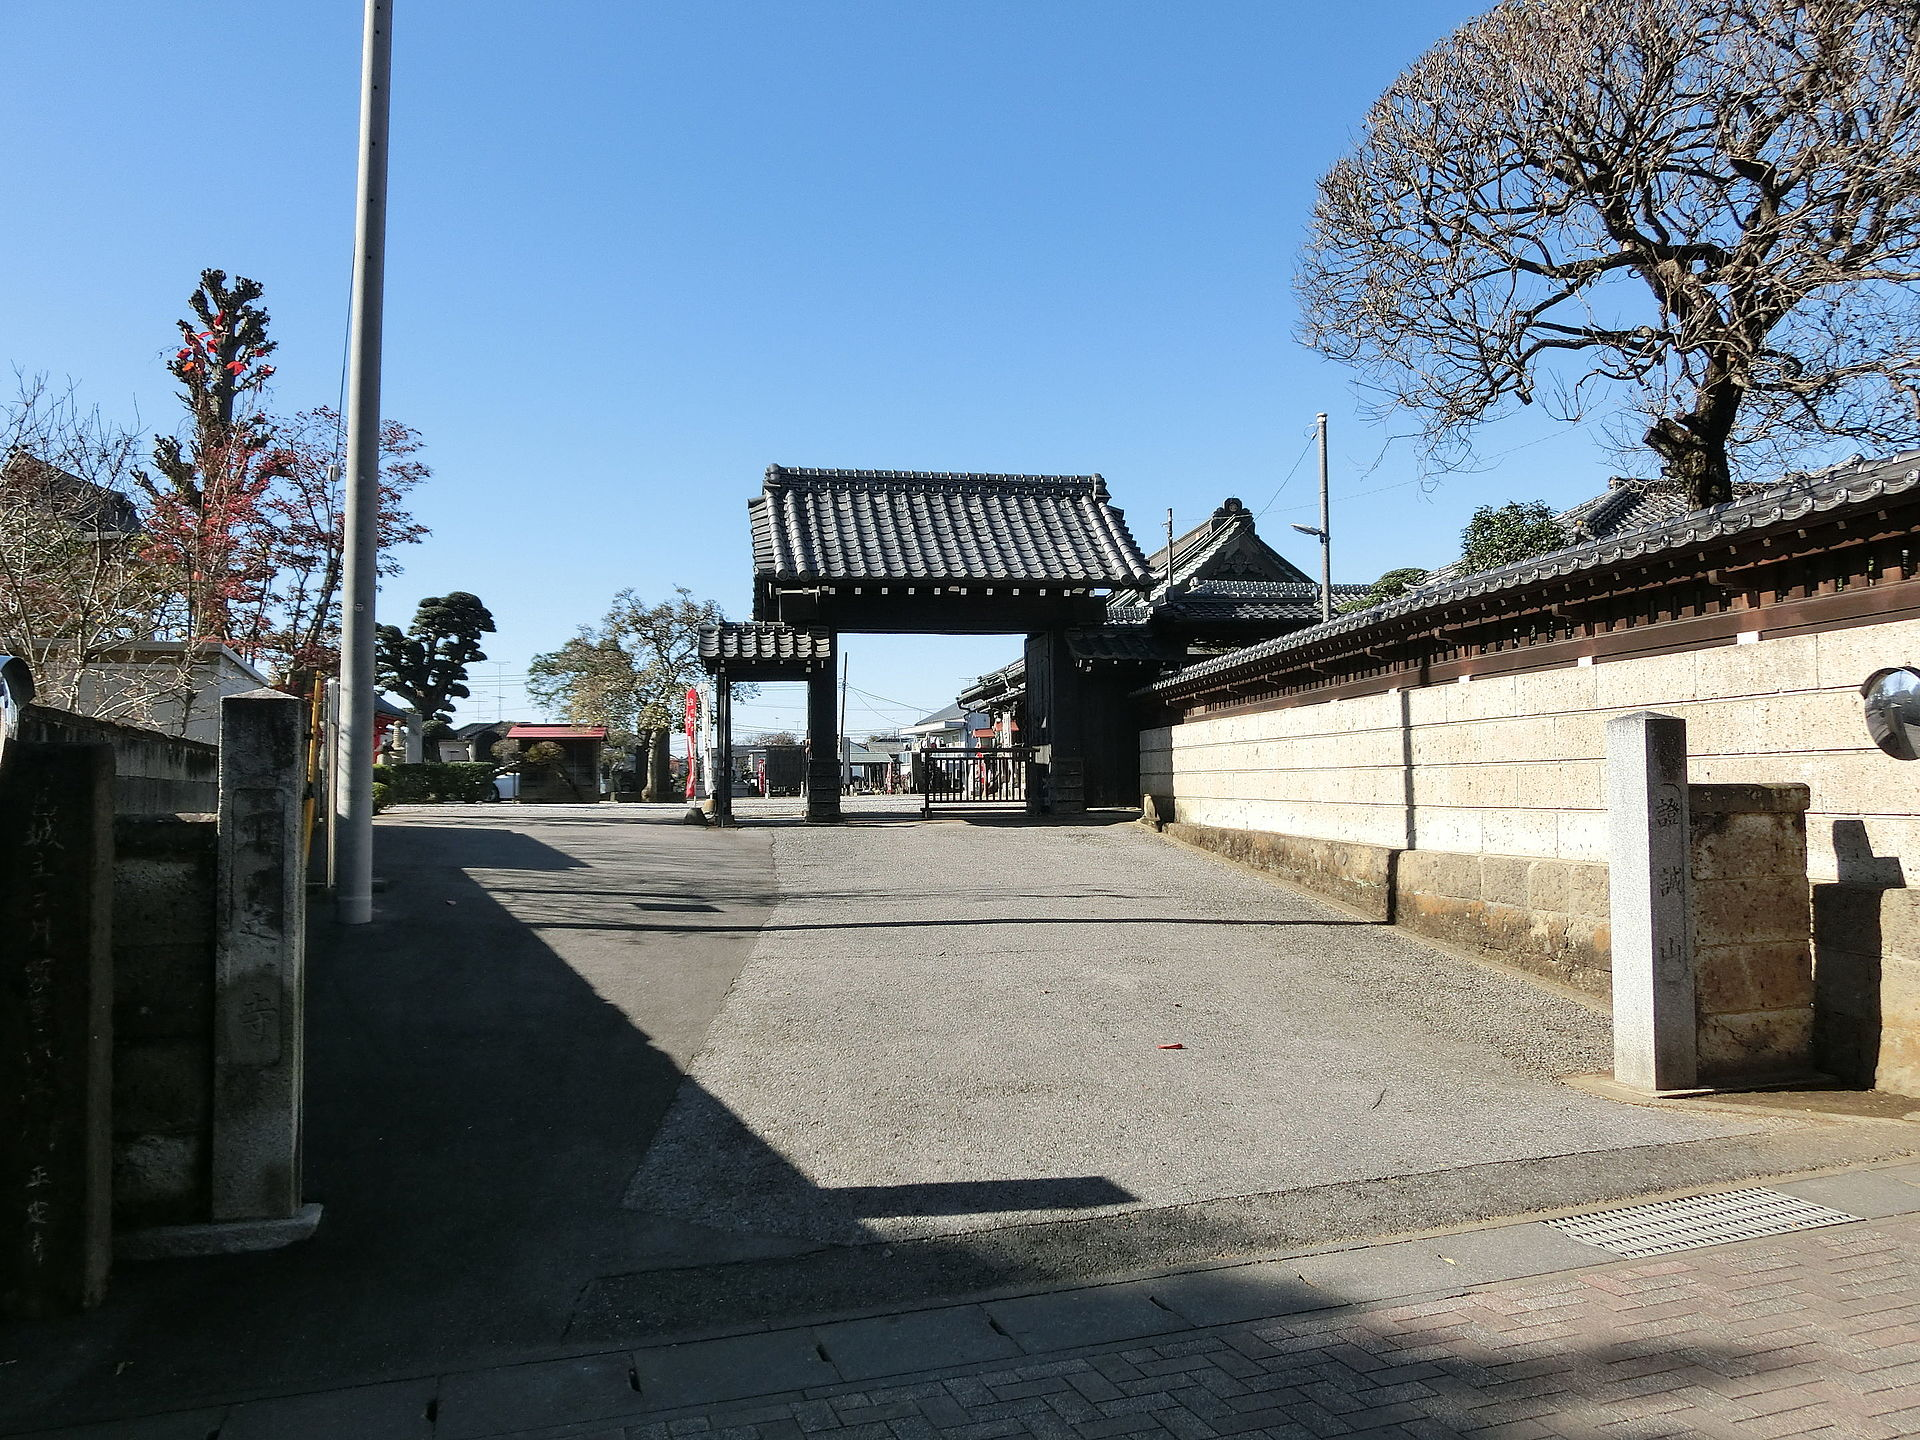 正定寺 (古河市下大野) - Wikipedia